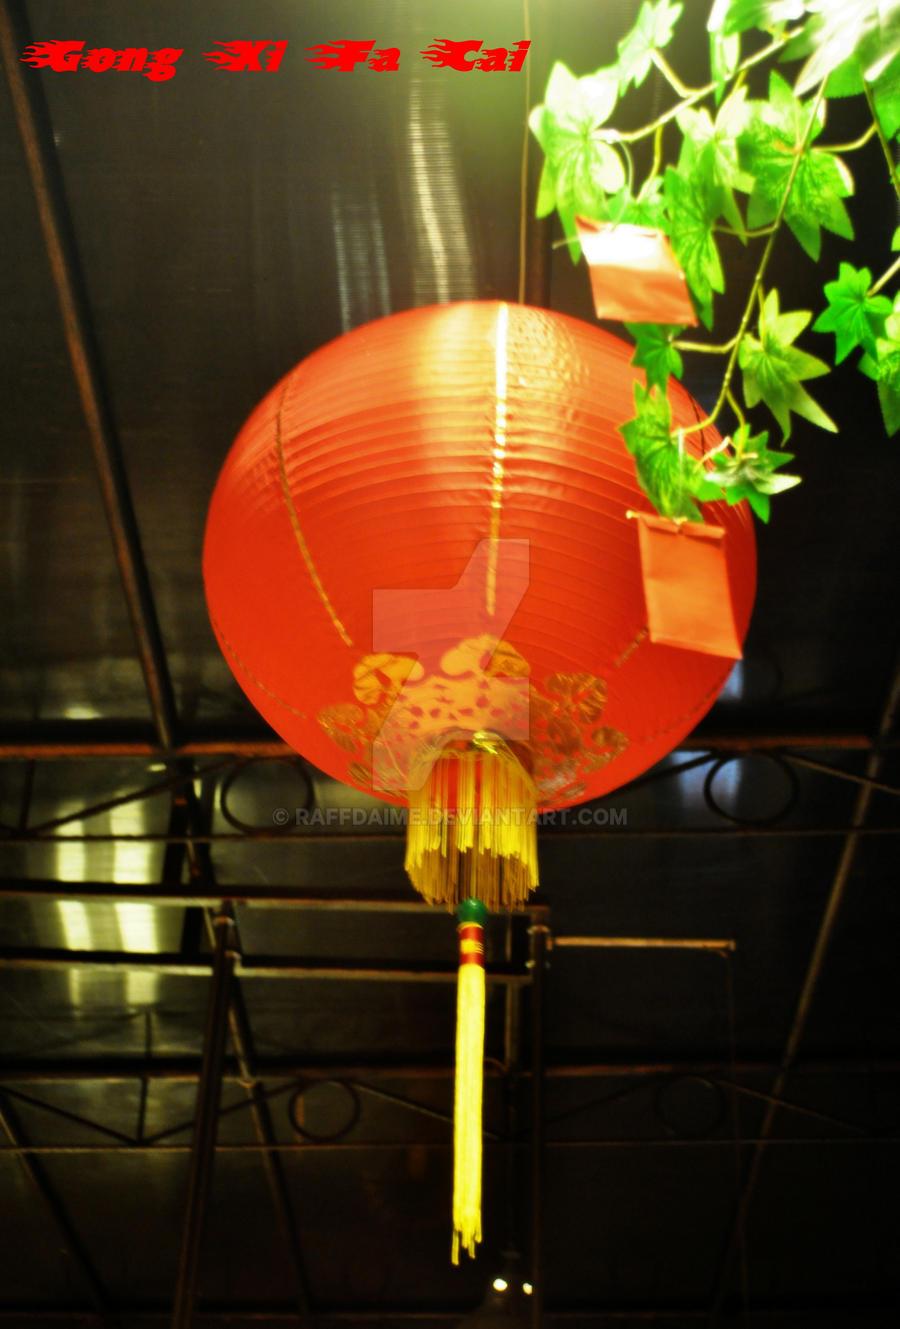 gong xi fa cai by raffdaime